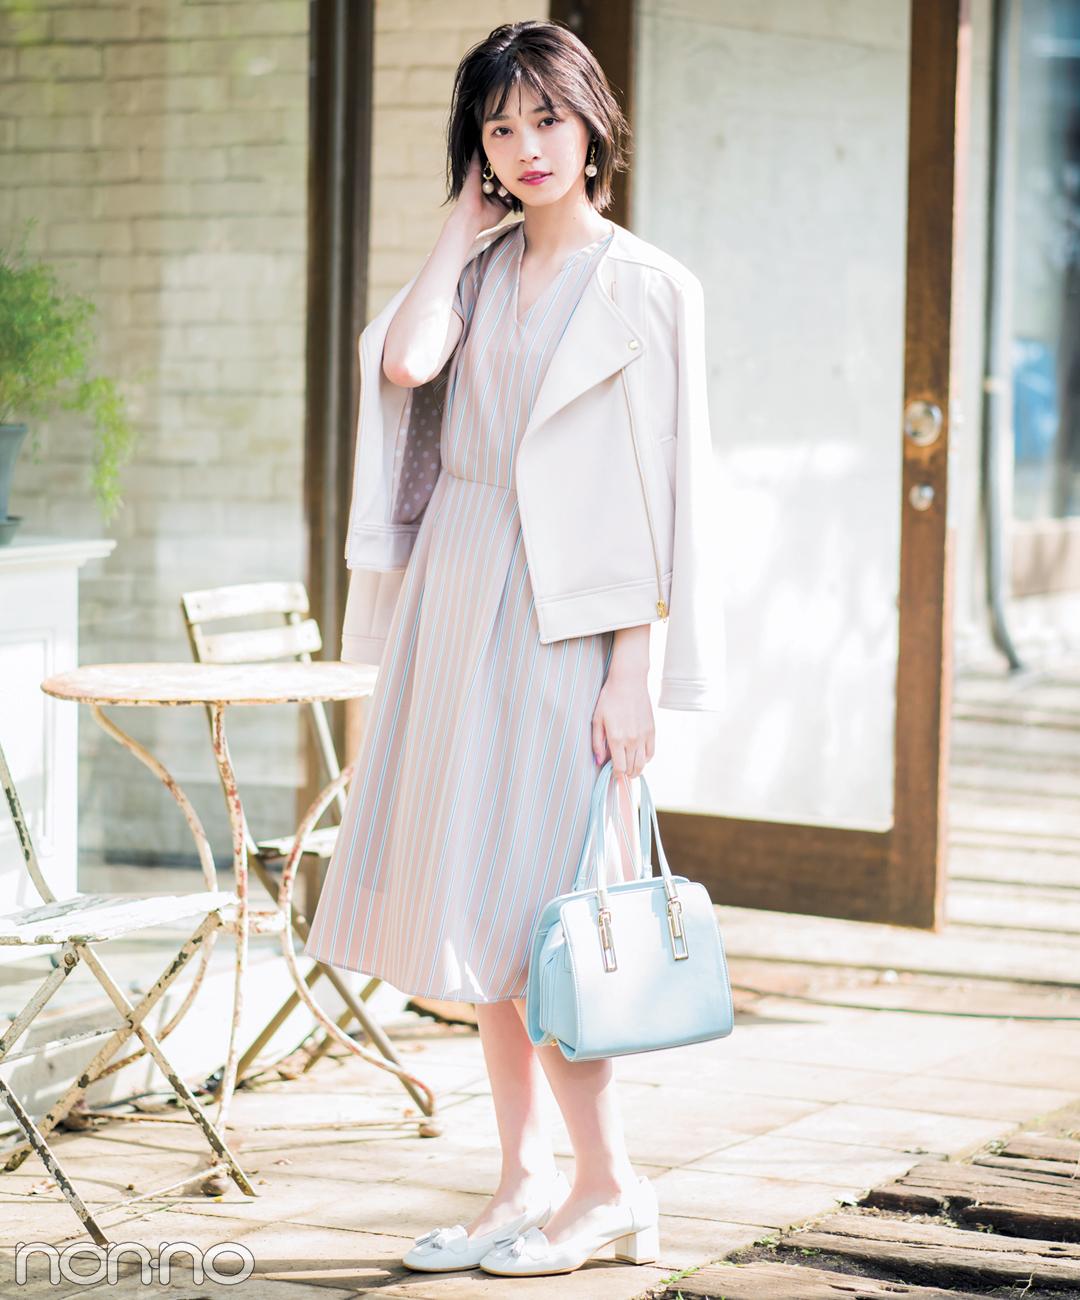 西野七瀬が着る♡ トレンドのストライプ柄ワンピ、春コーデ3選!_1_2-2